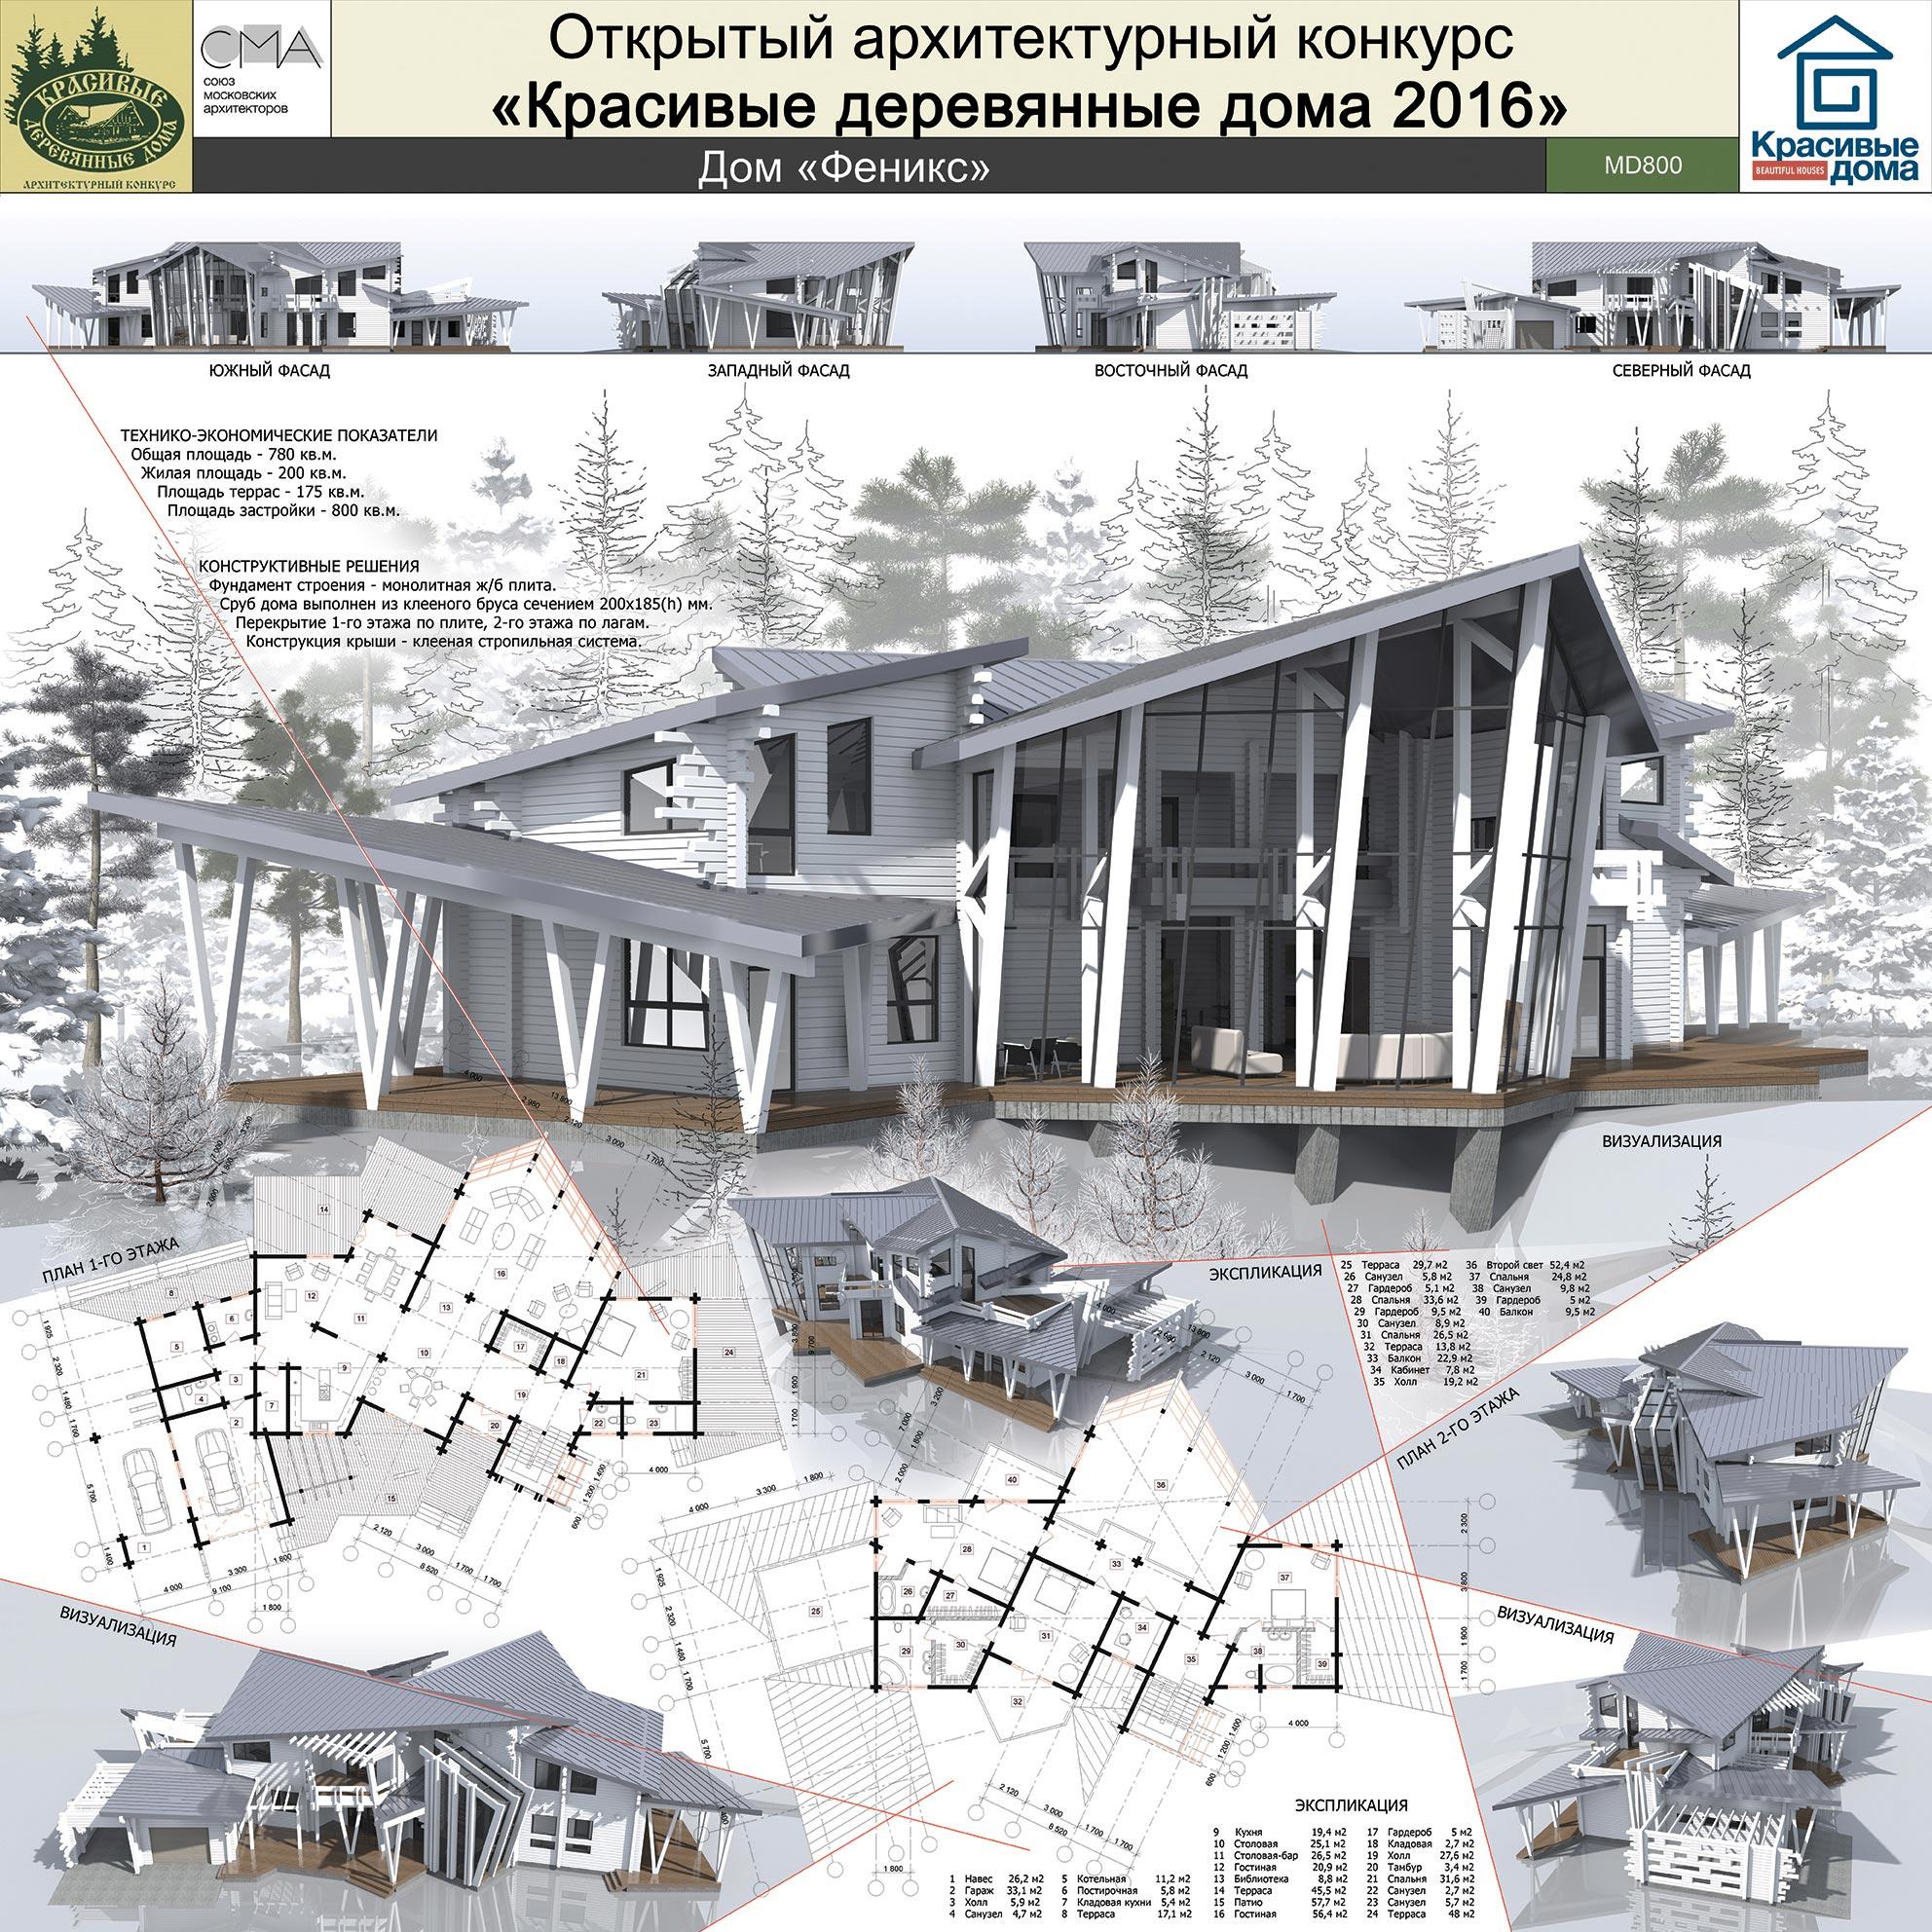 Архитектурный конкурс к деревянный дом